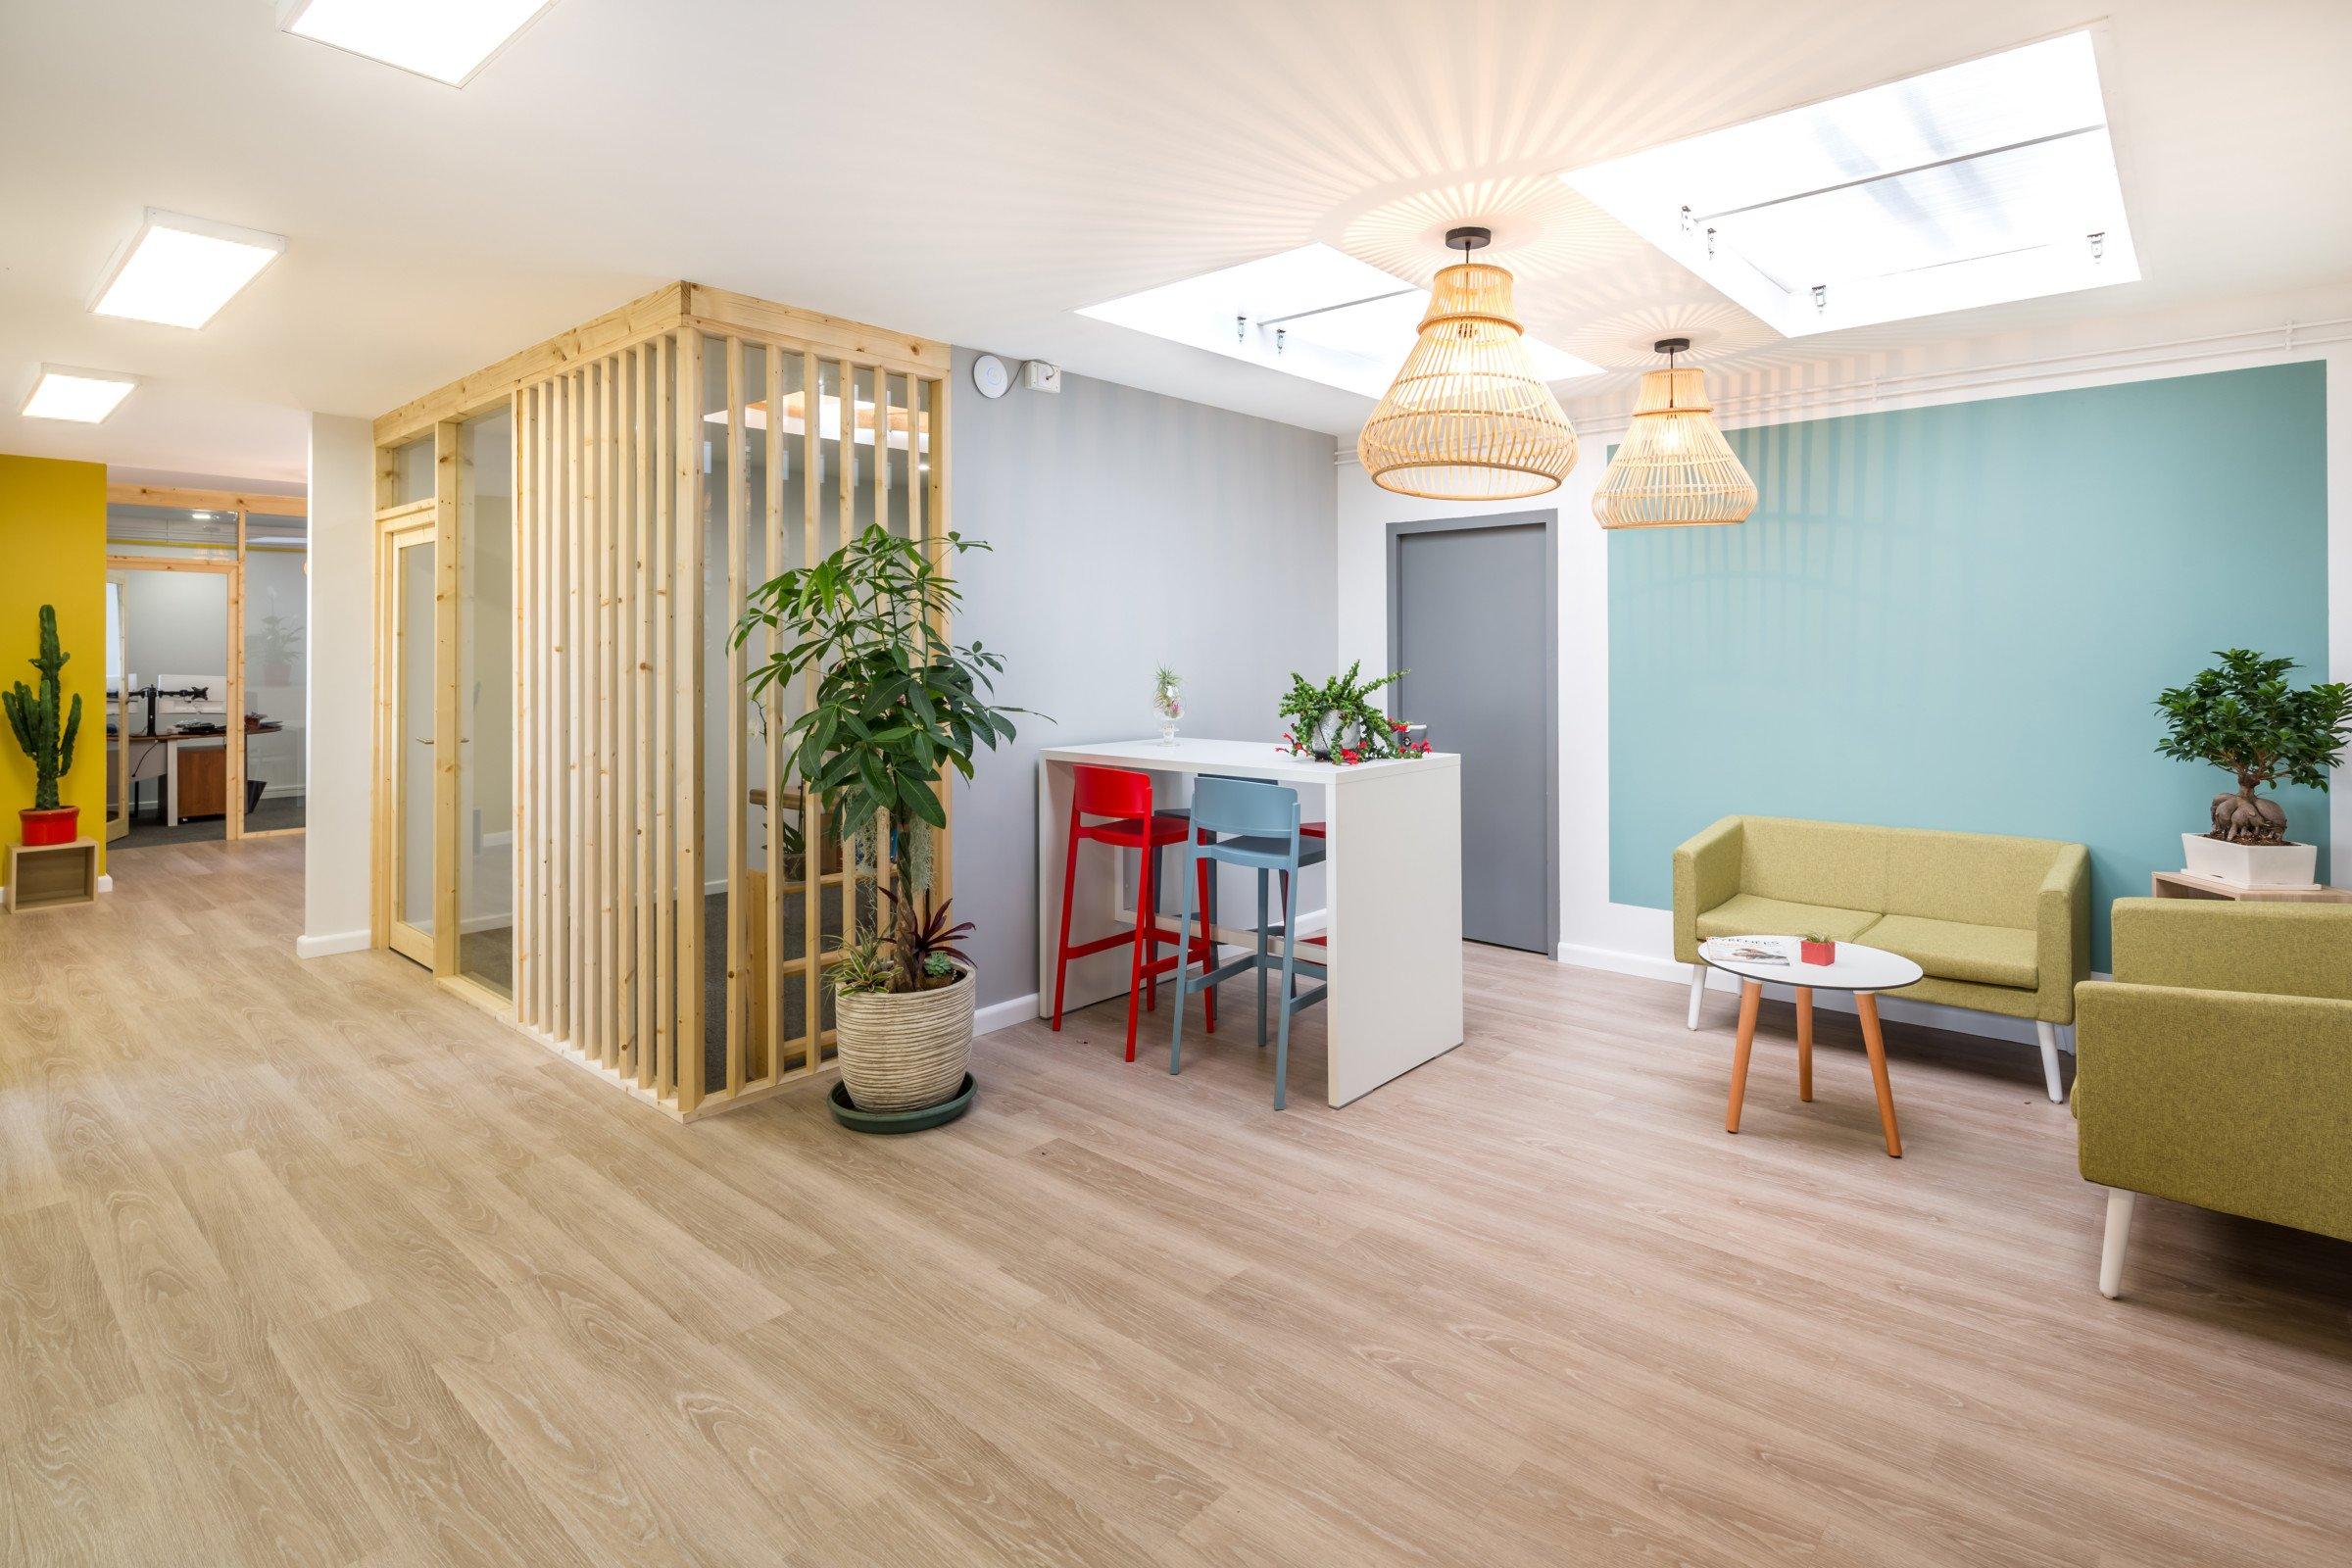 Espace de bureau comme à la maison Bagnères-de-Bigorre